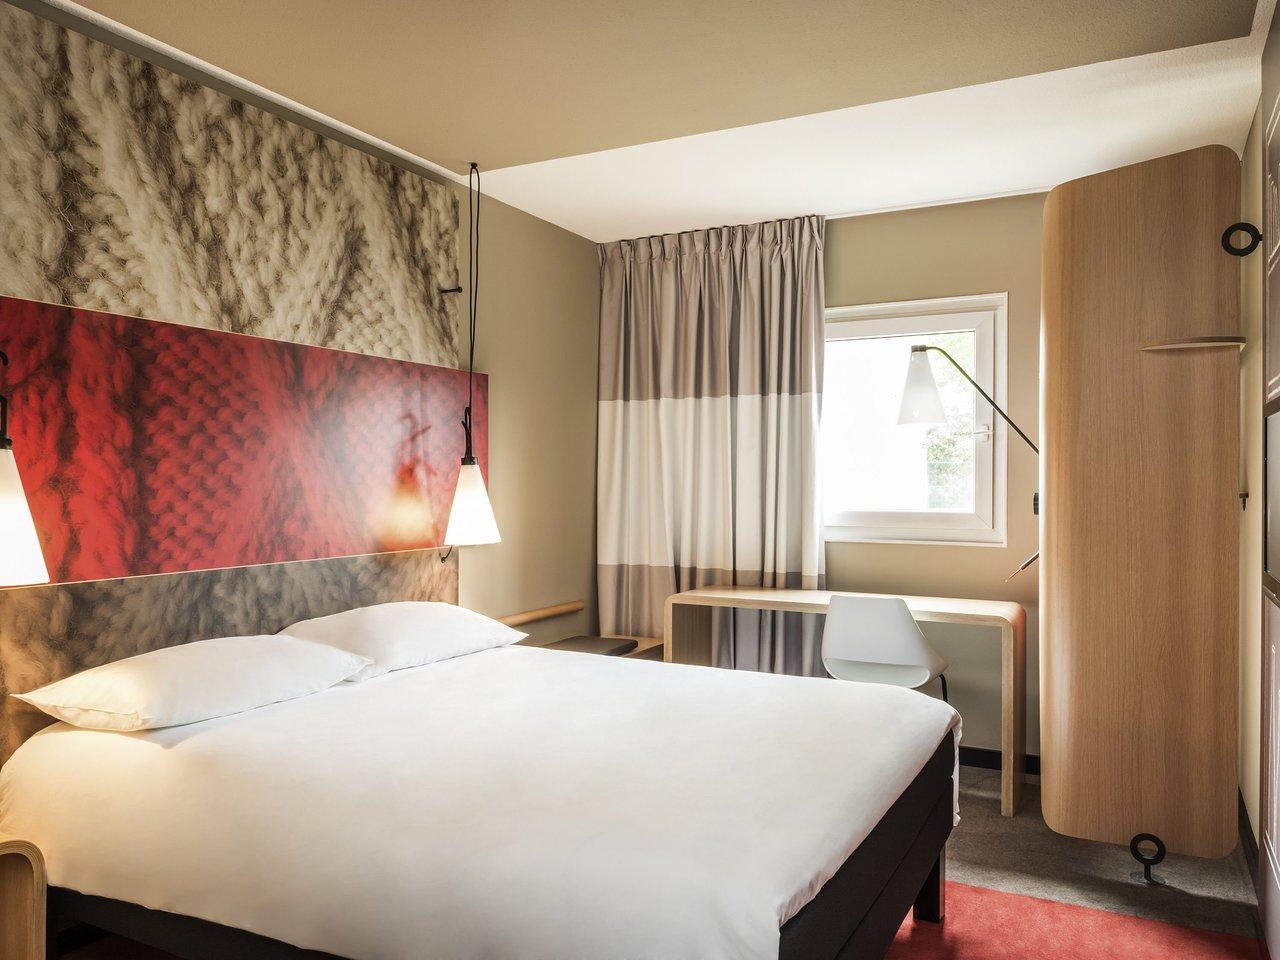 Hôtel Ibis Saint-Étienne La Terrasse (France) : Tarifs 2020 ... dedans Piscine Discount Firminy